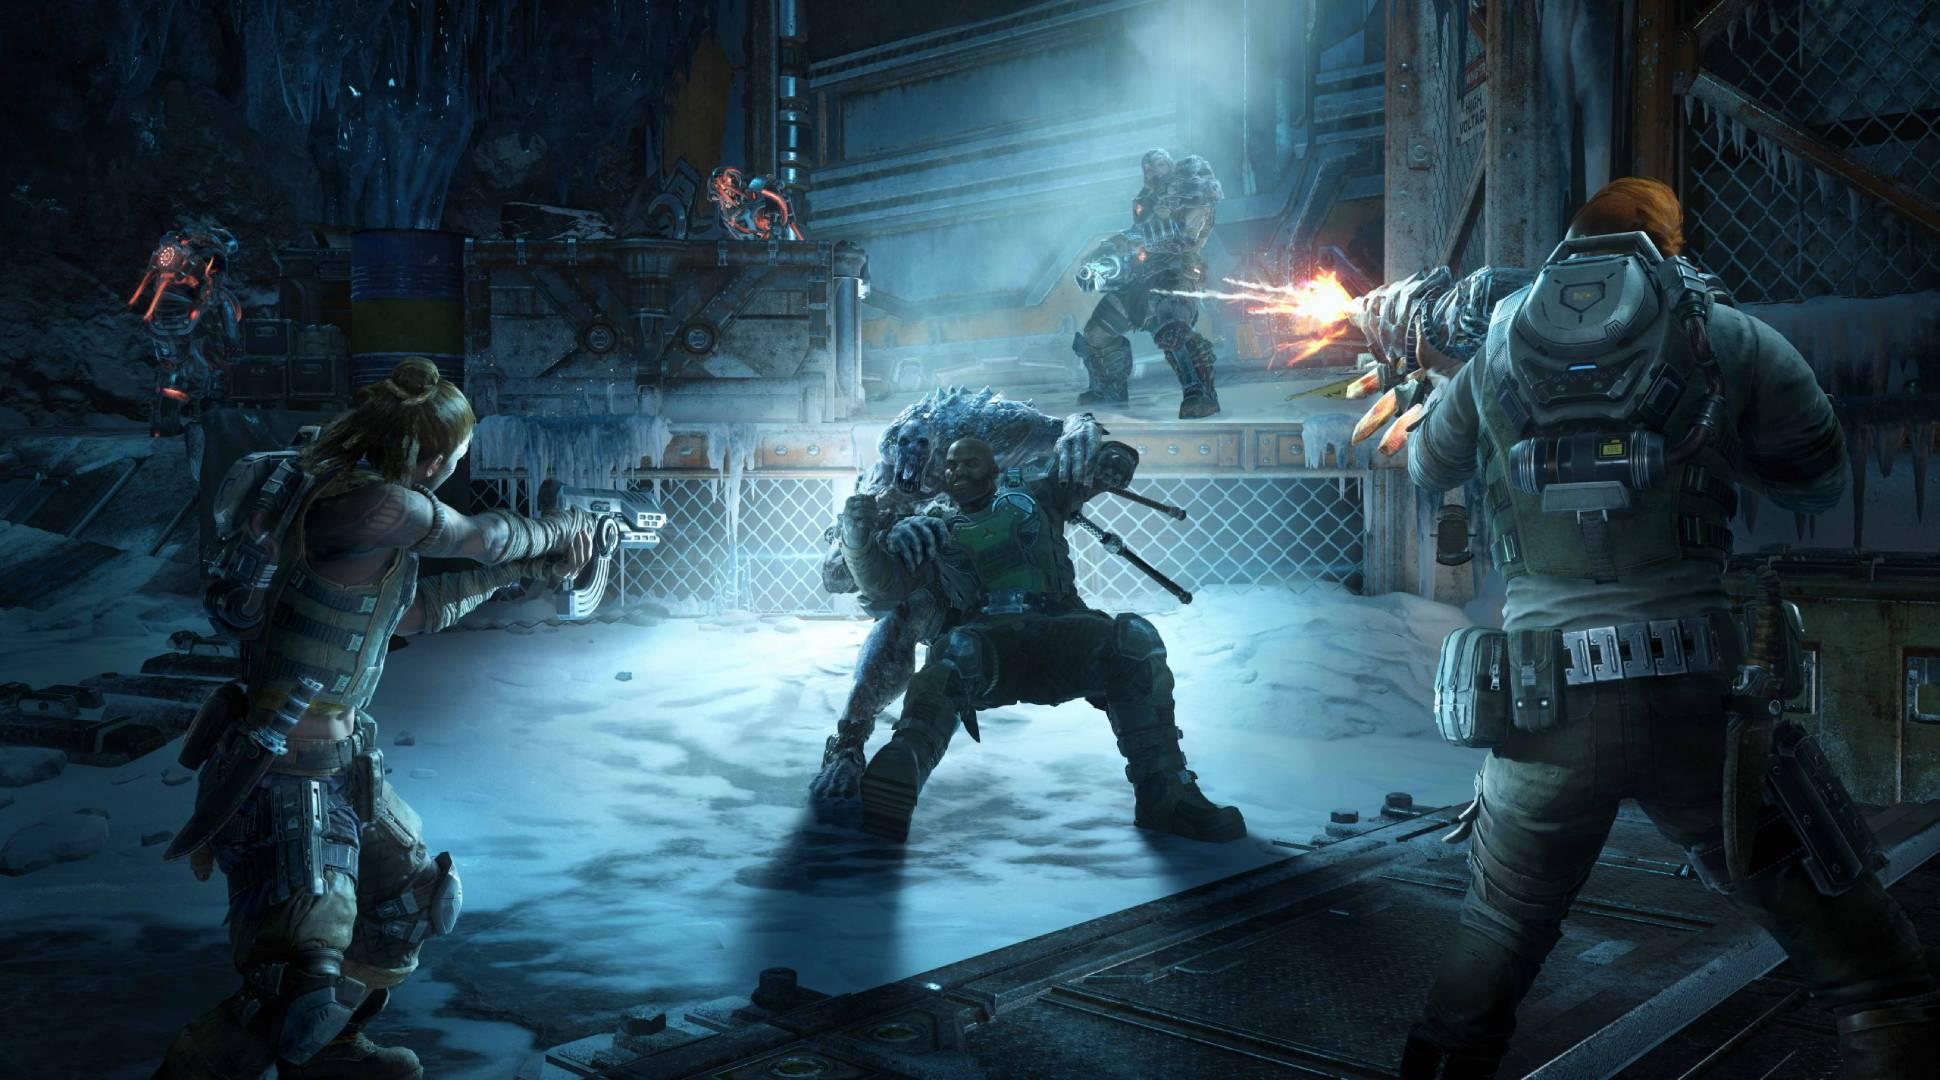 Ilustração do jogo de tiro Gears 5, onde um grupo de soldados troca tiros com seres monstruosos